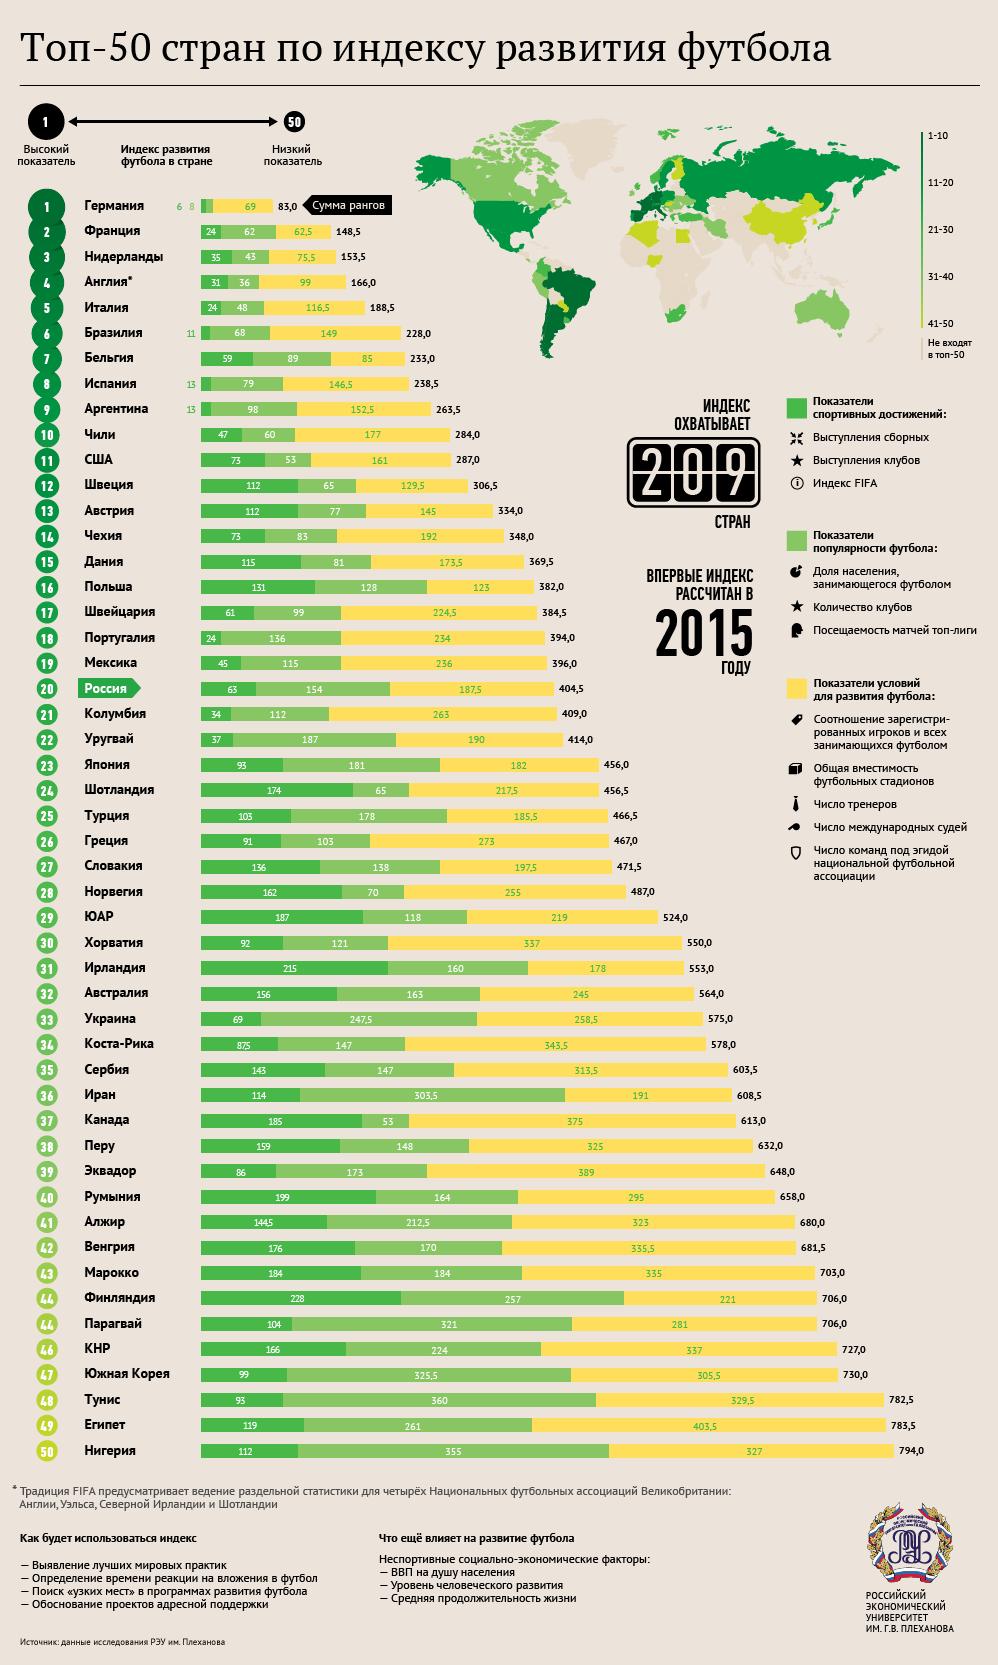 Топ-50 стран по индексу развития футбола